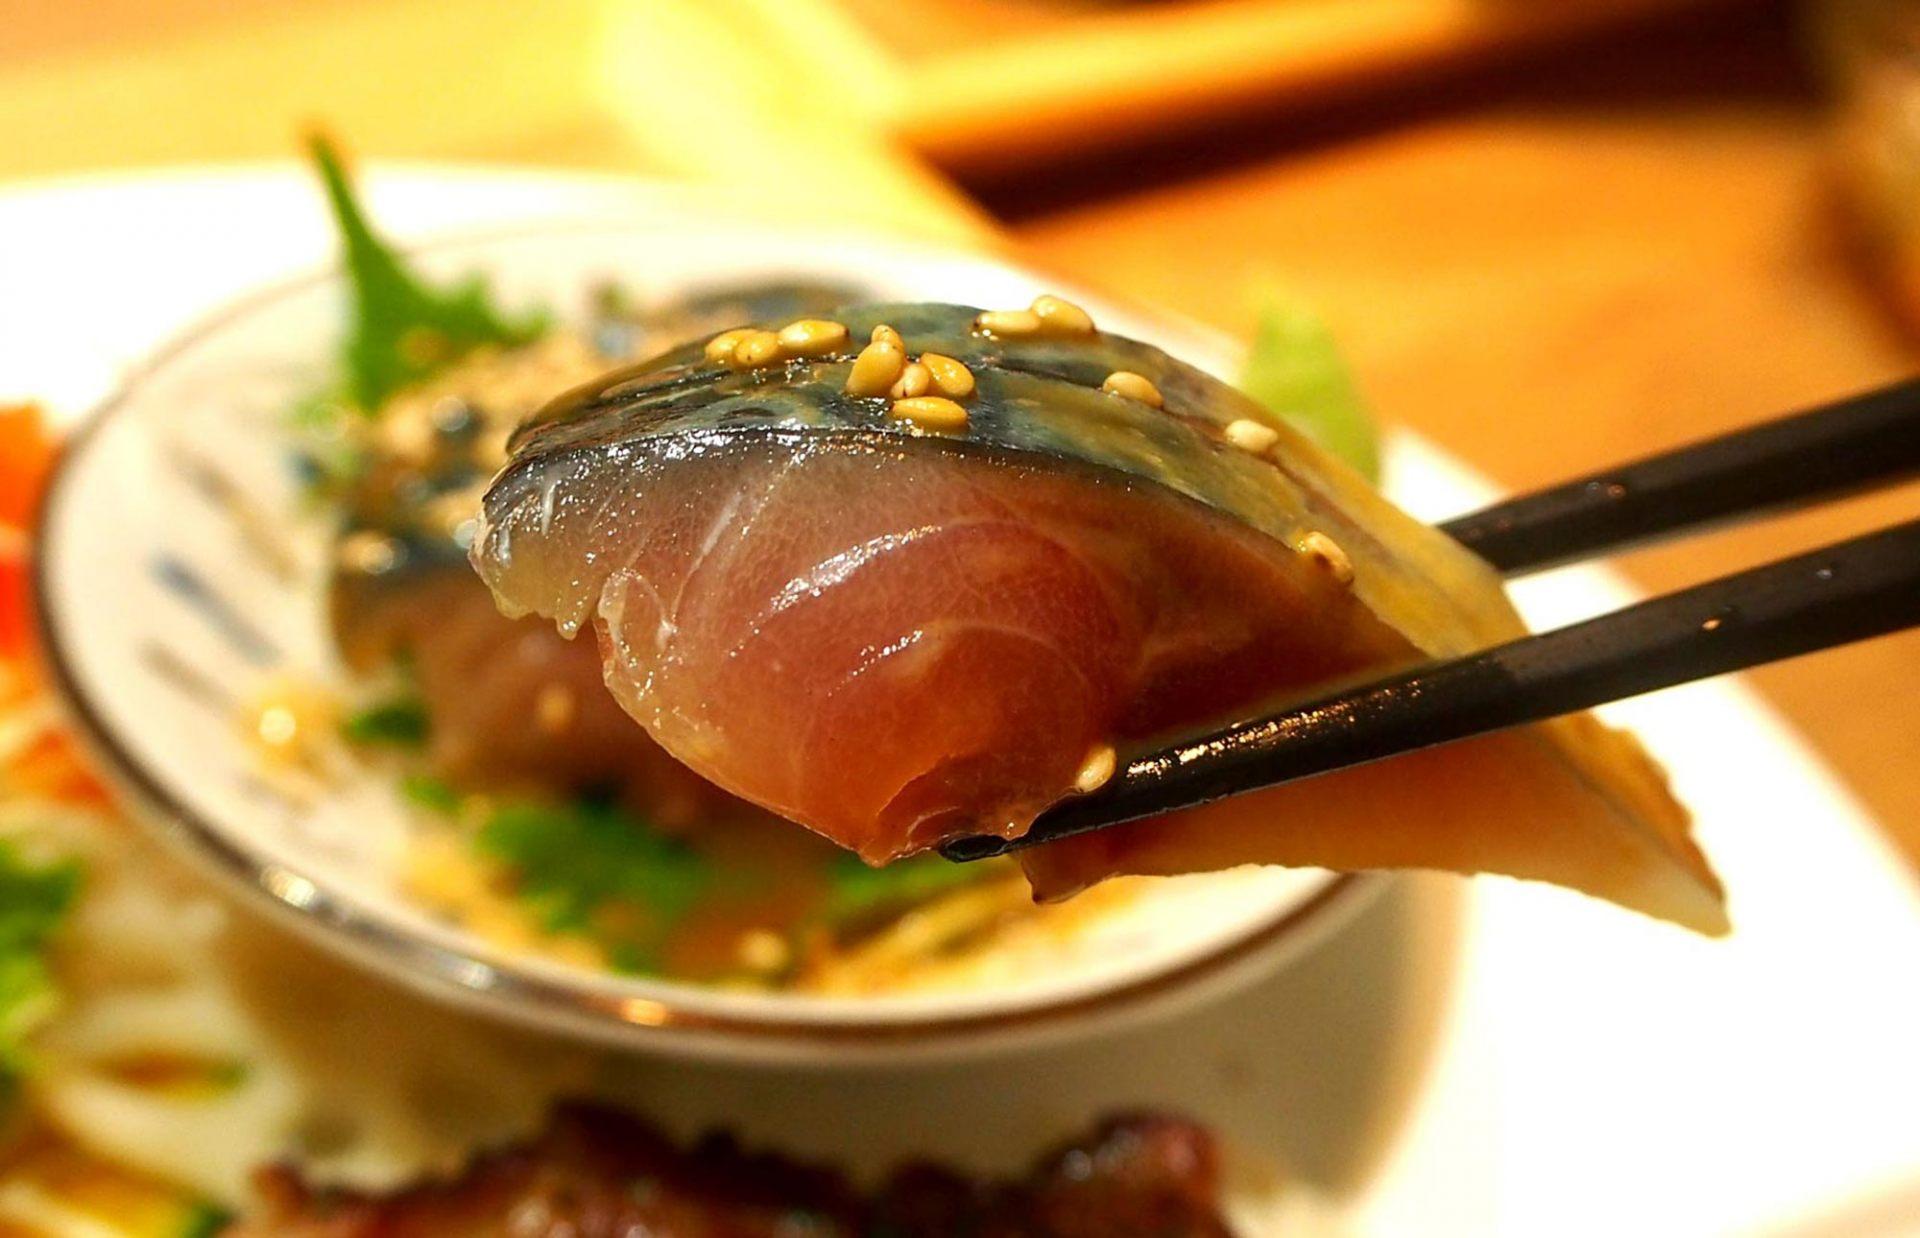 芝麻的甘甜和鲜美的鲭鱼